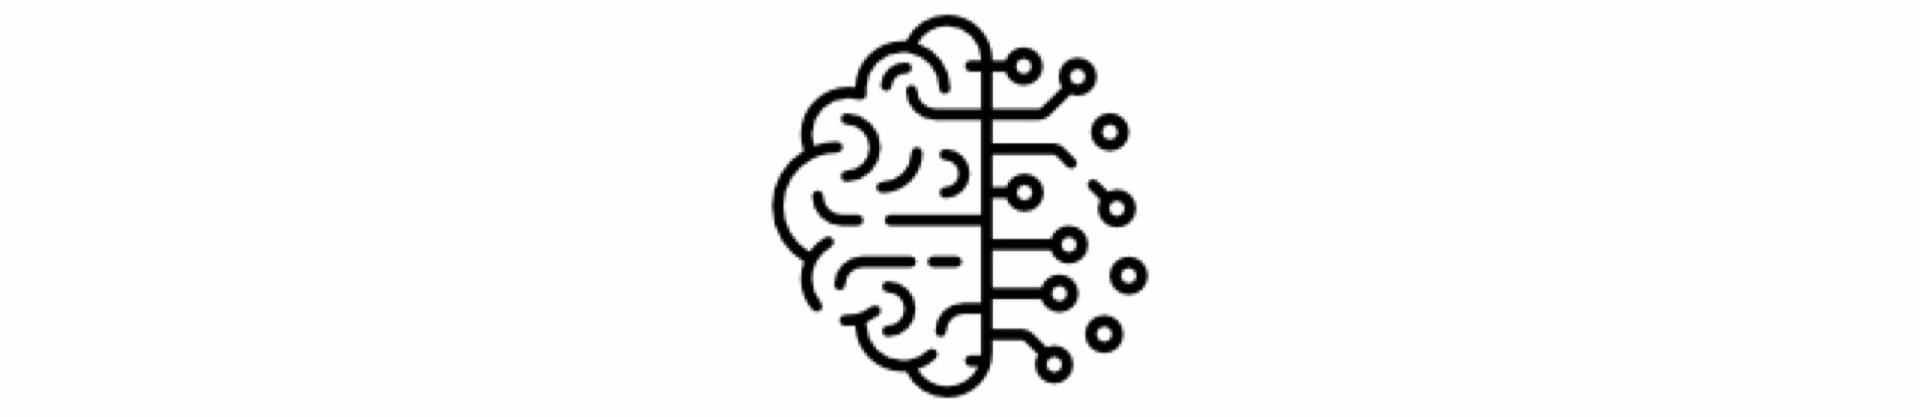 hjerne.001.jpg